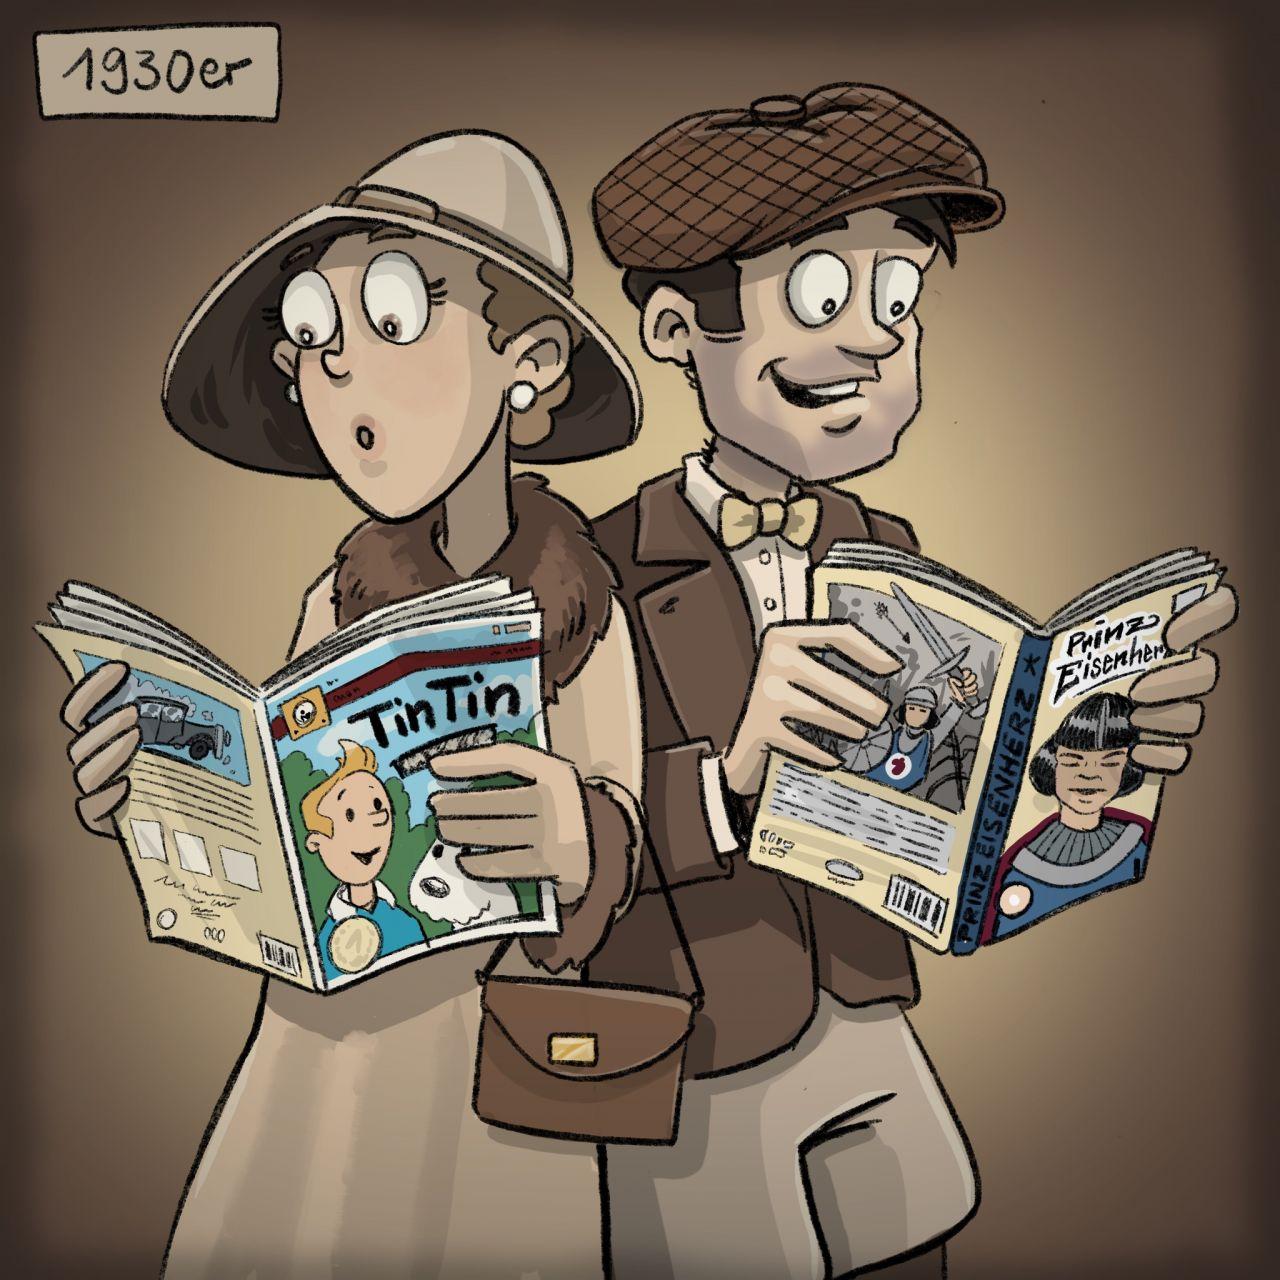 Geschichte der Comics: 1930er Jahre